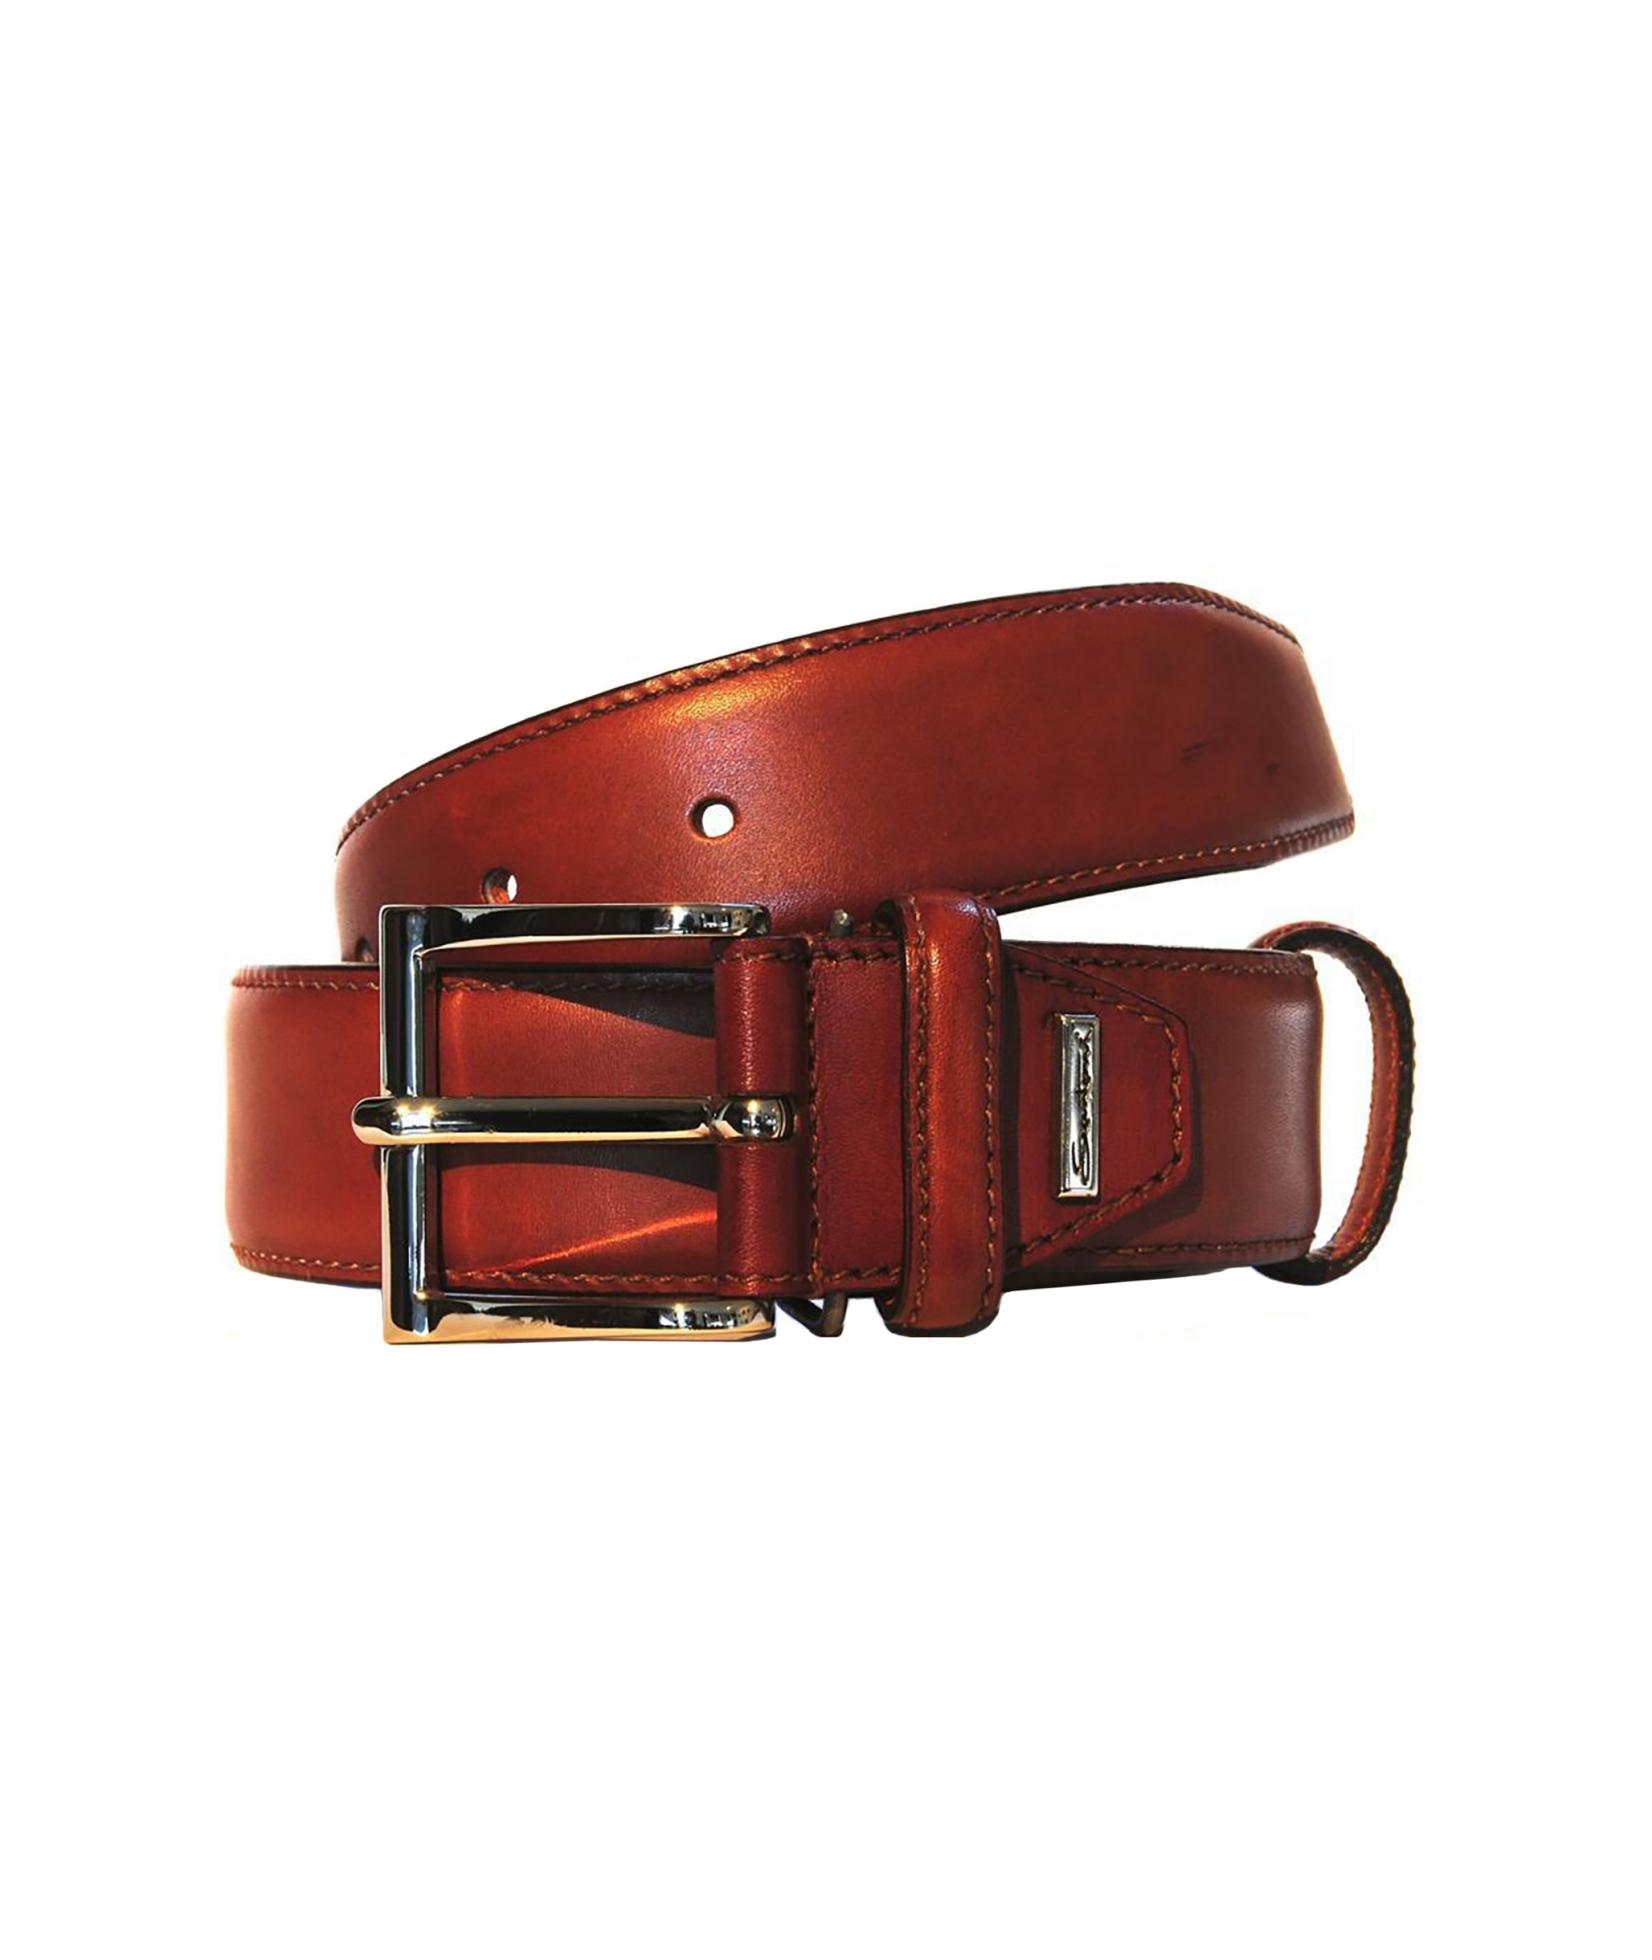 Santoni Belt Leather (372)